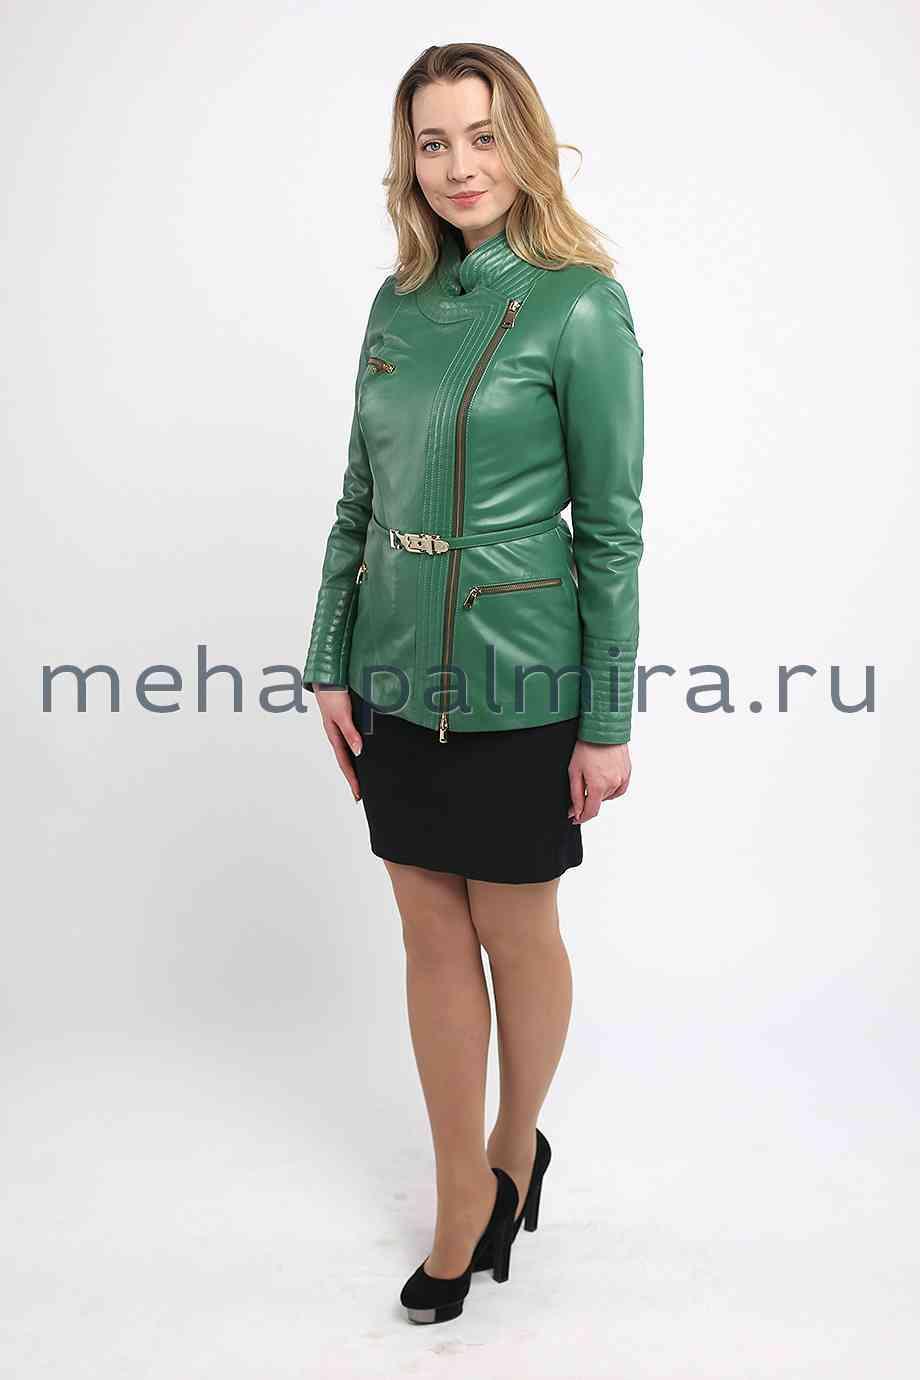 Удлиненная женская куртка из кожи зеленого цвета